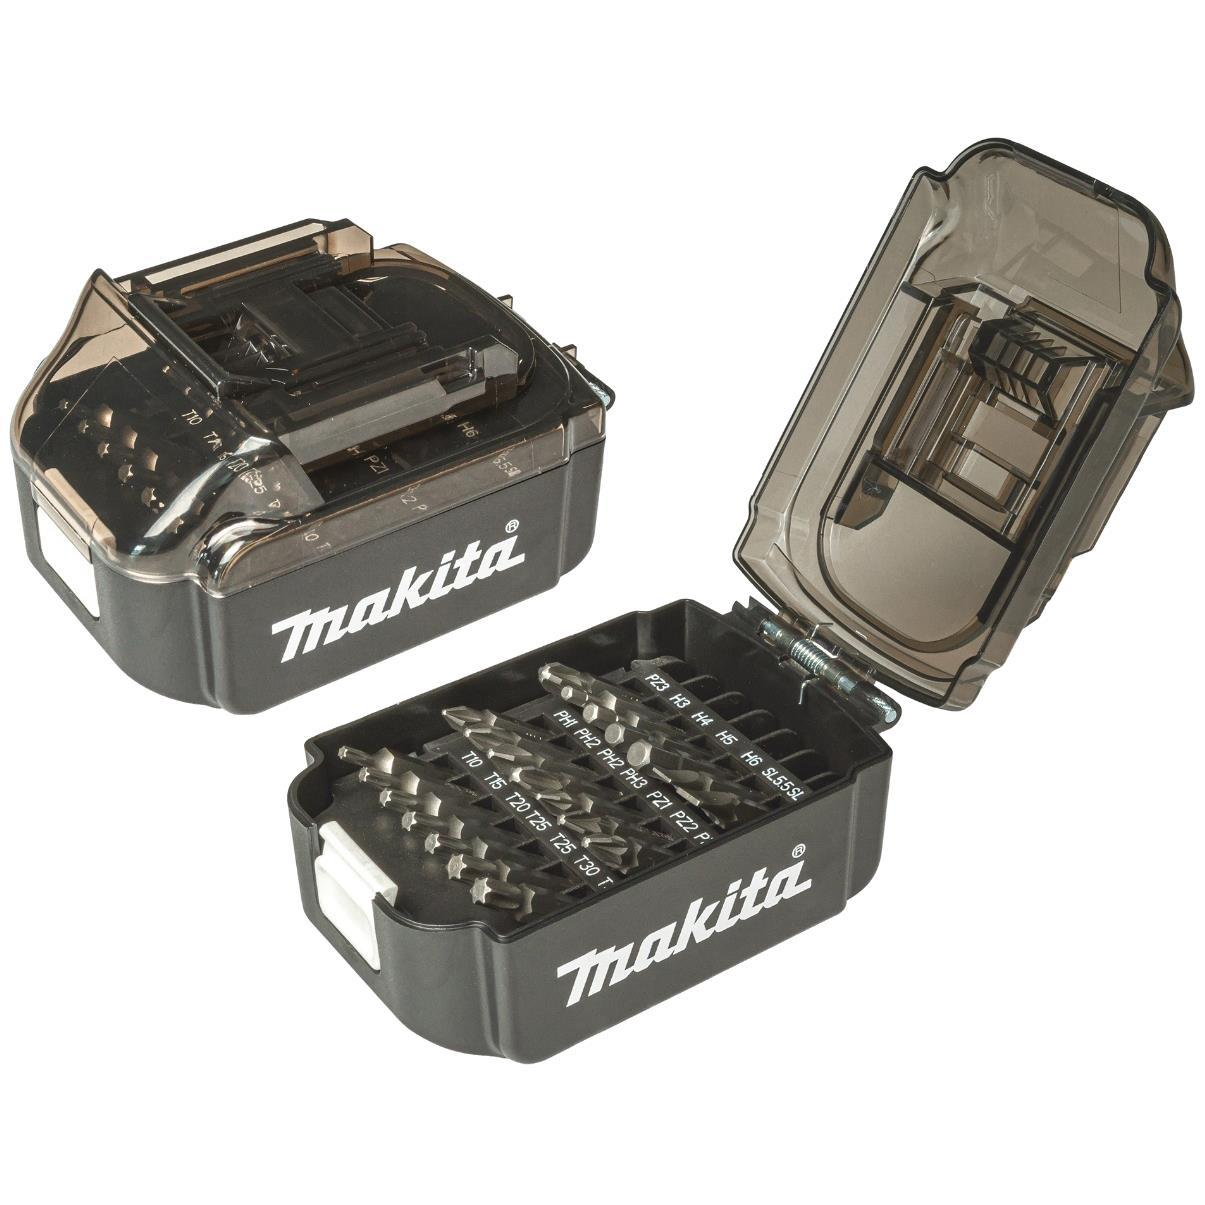 Набір біт Makita в футлярі форми батареї LXT 21 предмет